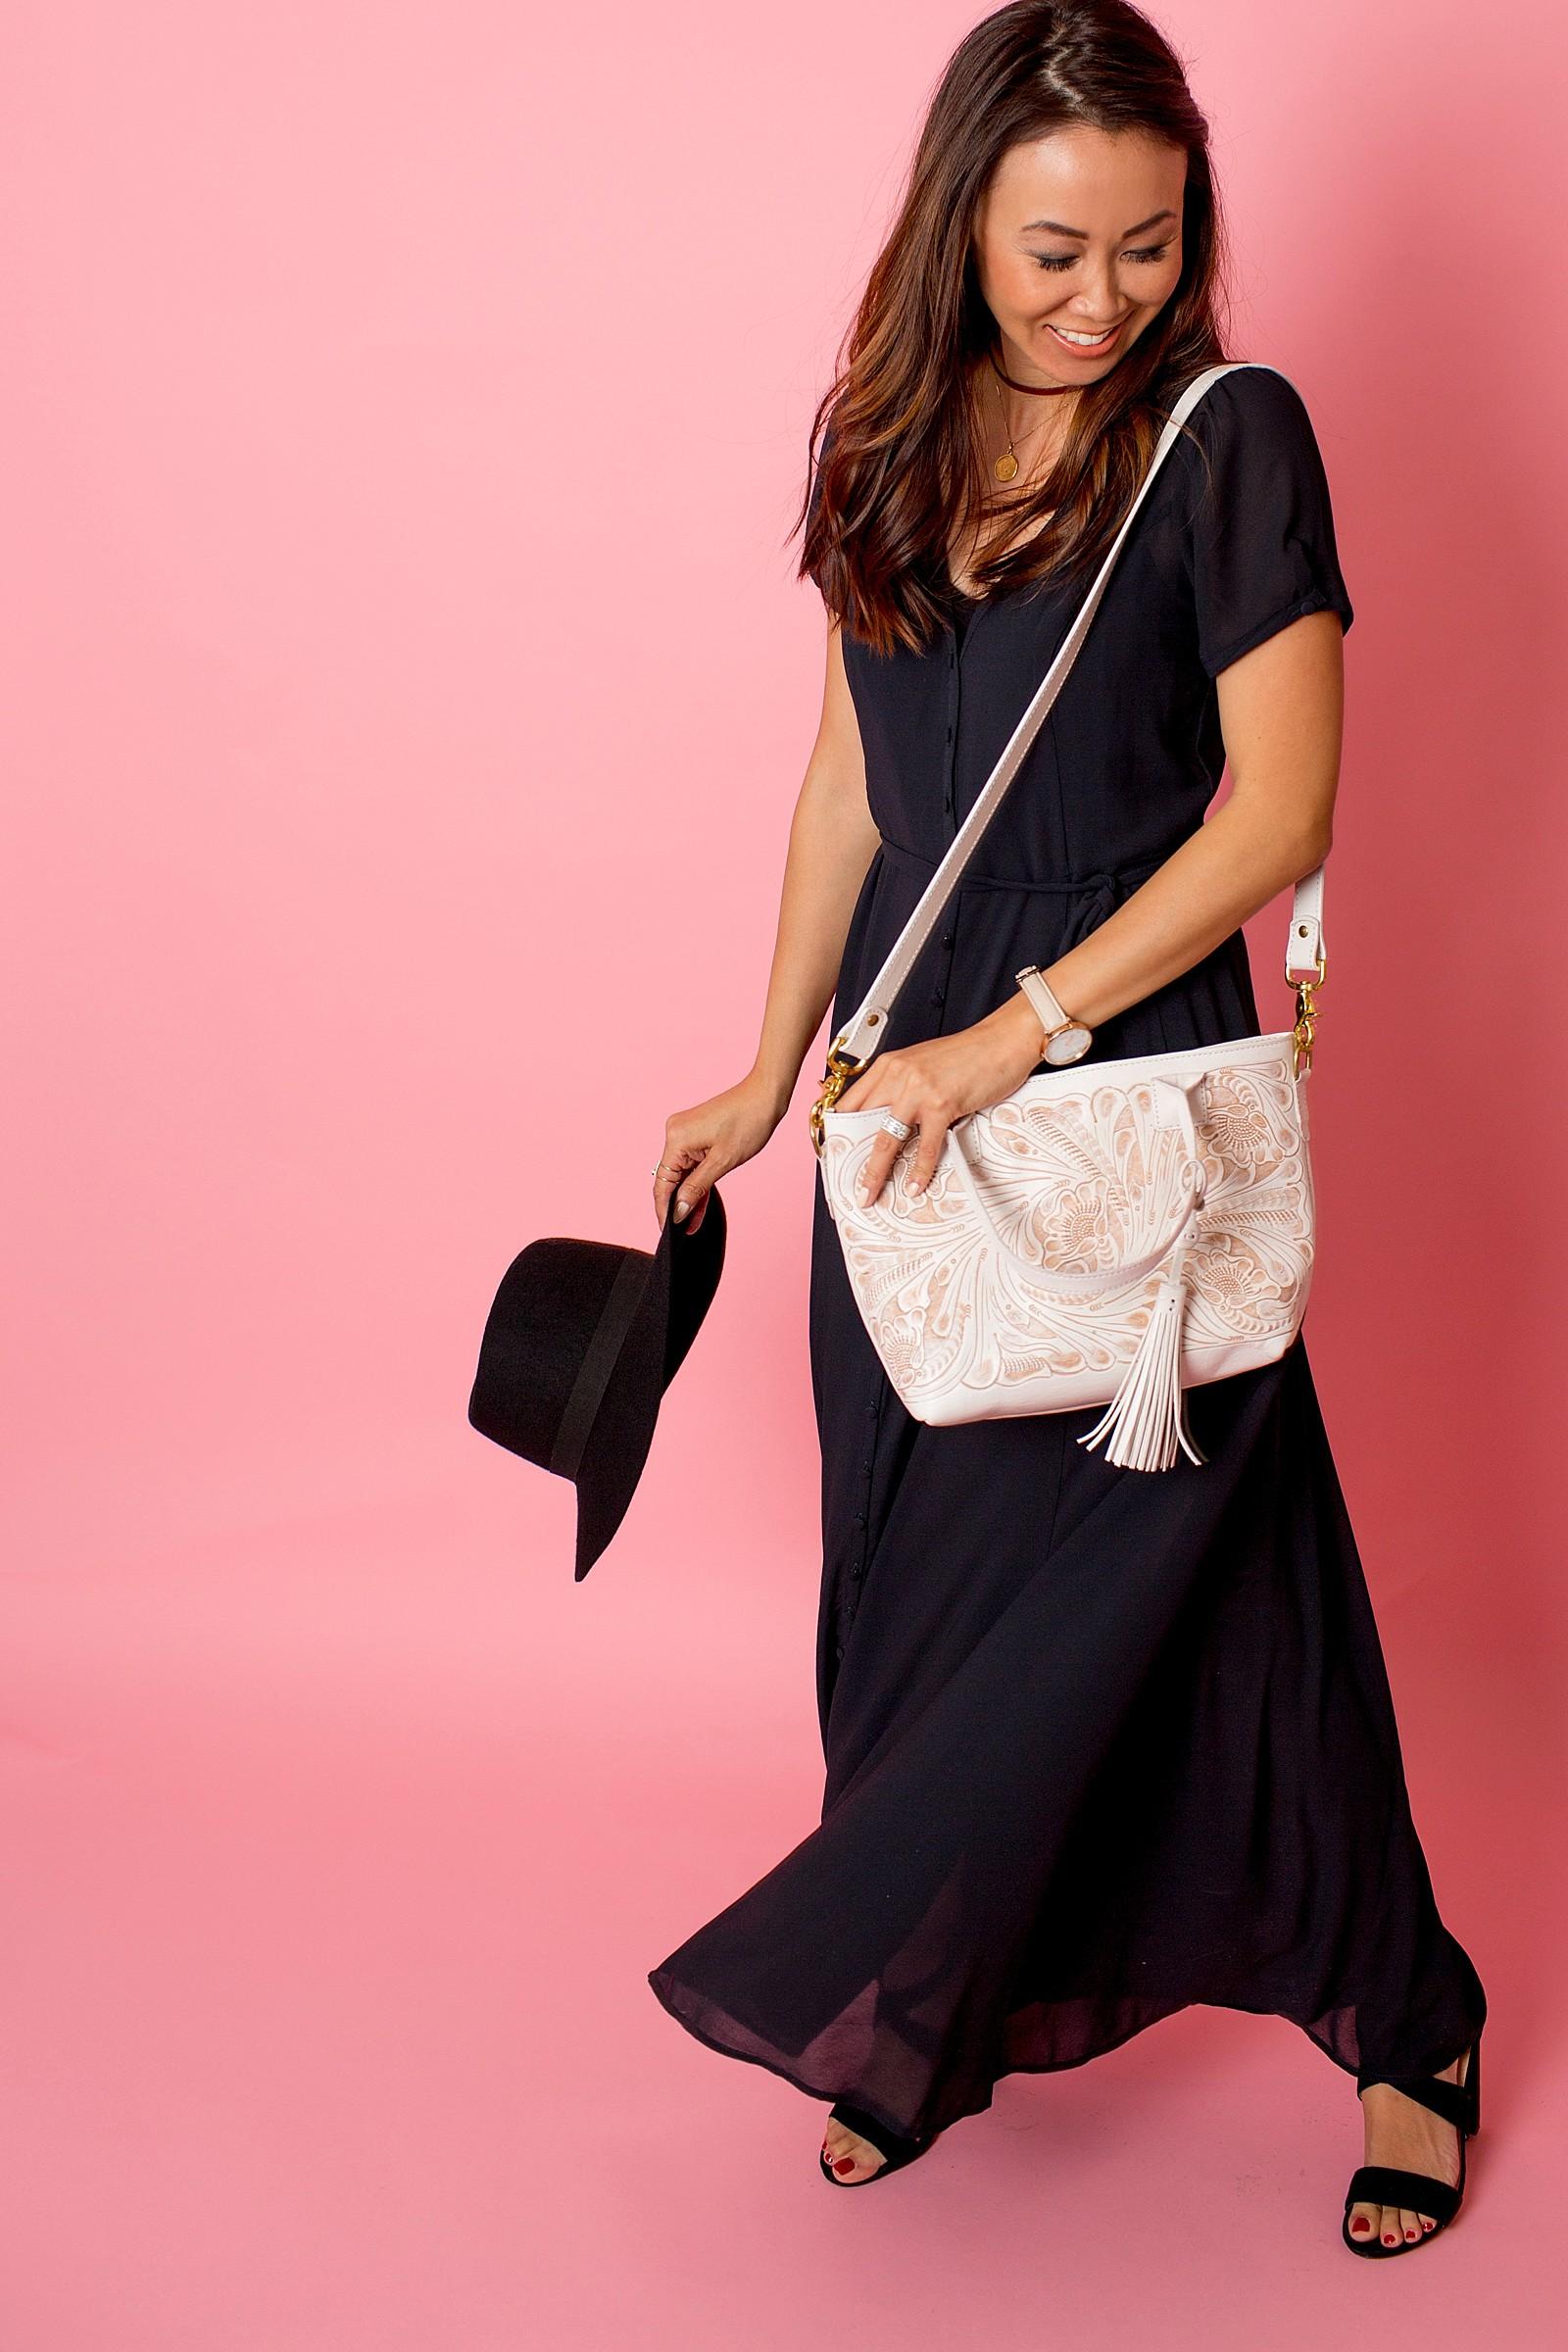 leather-tooled-purse-white-handbag-mexico-buy-order-chiseled-western-tassel-tote-purse-diana-elizabeth-lifestyle-fashion-blogger-phoenix-arizona-1550